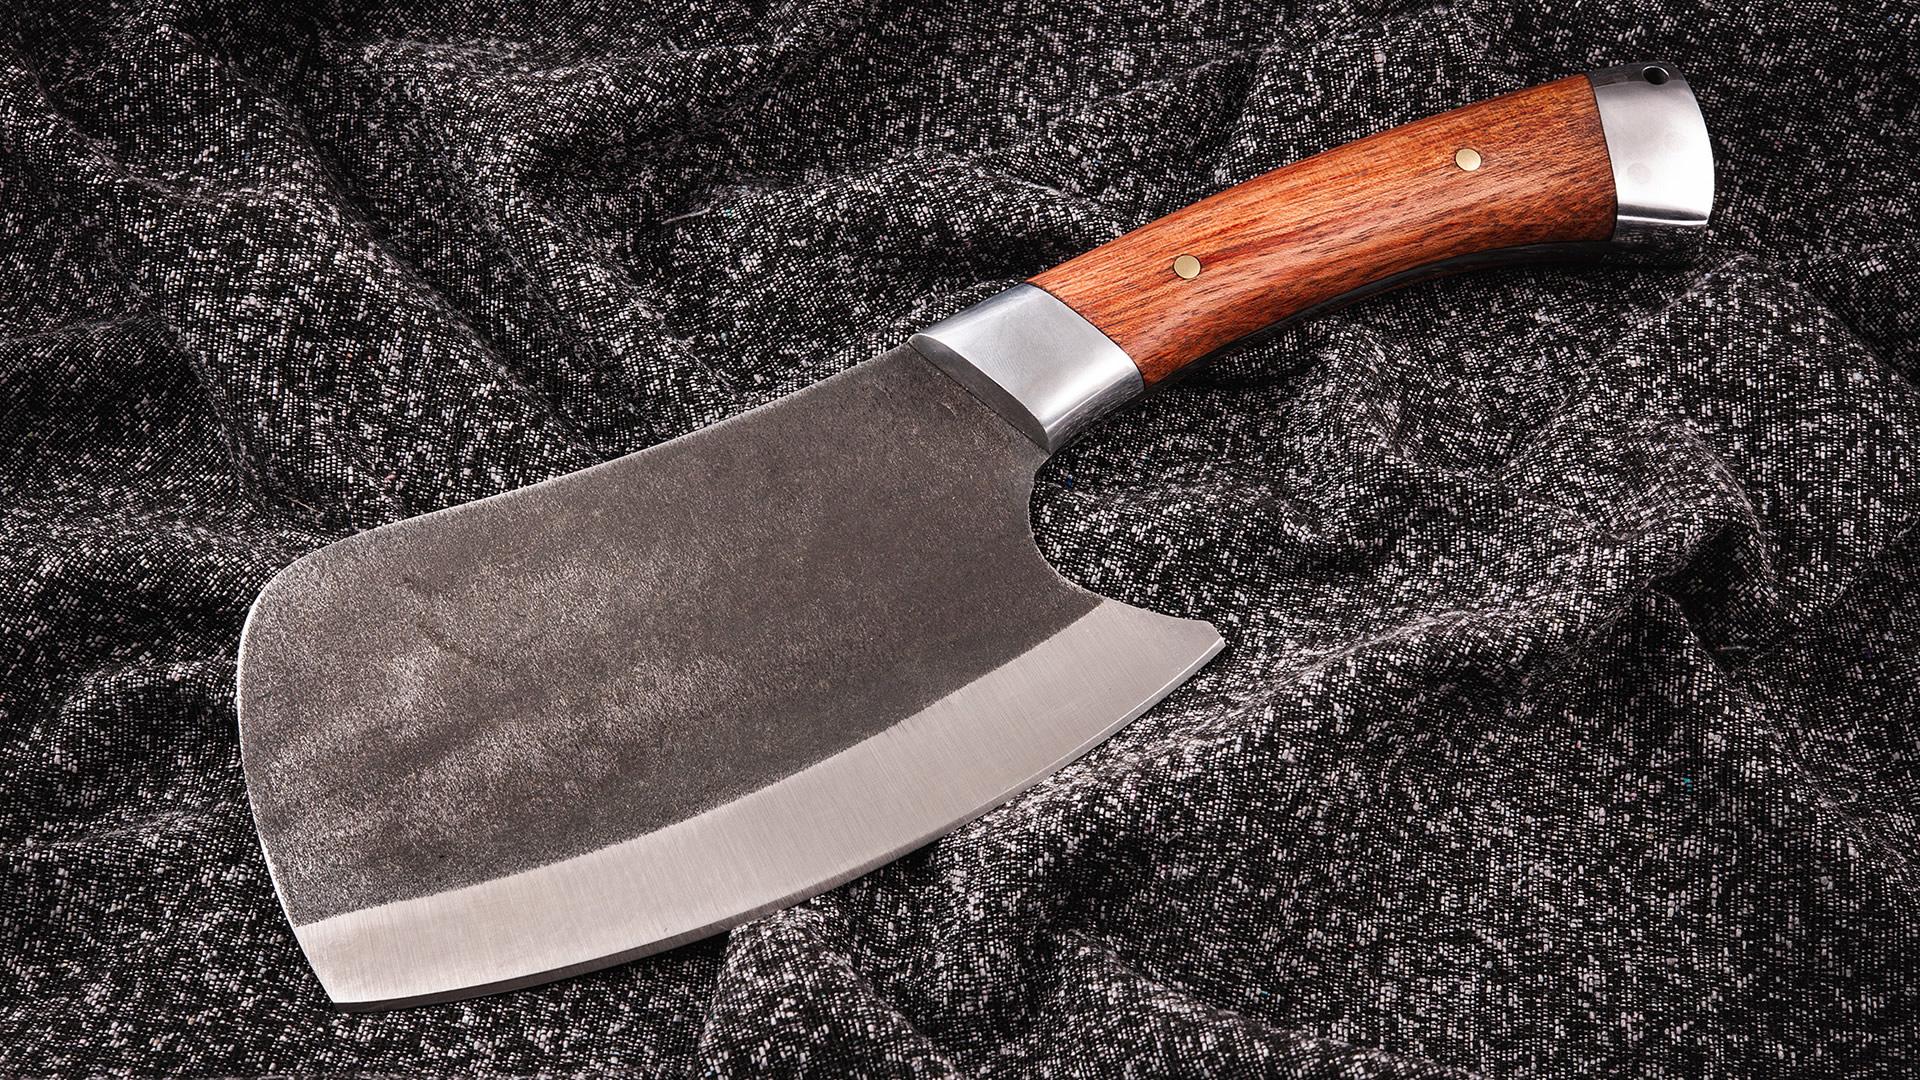 Фото топора для рубки мяса